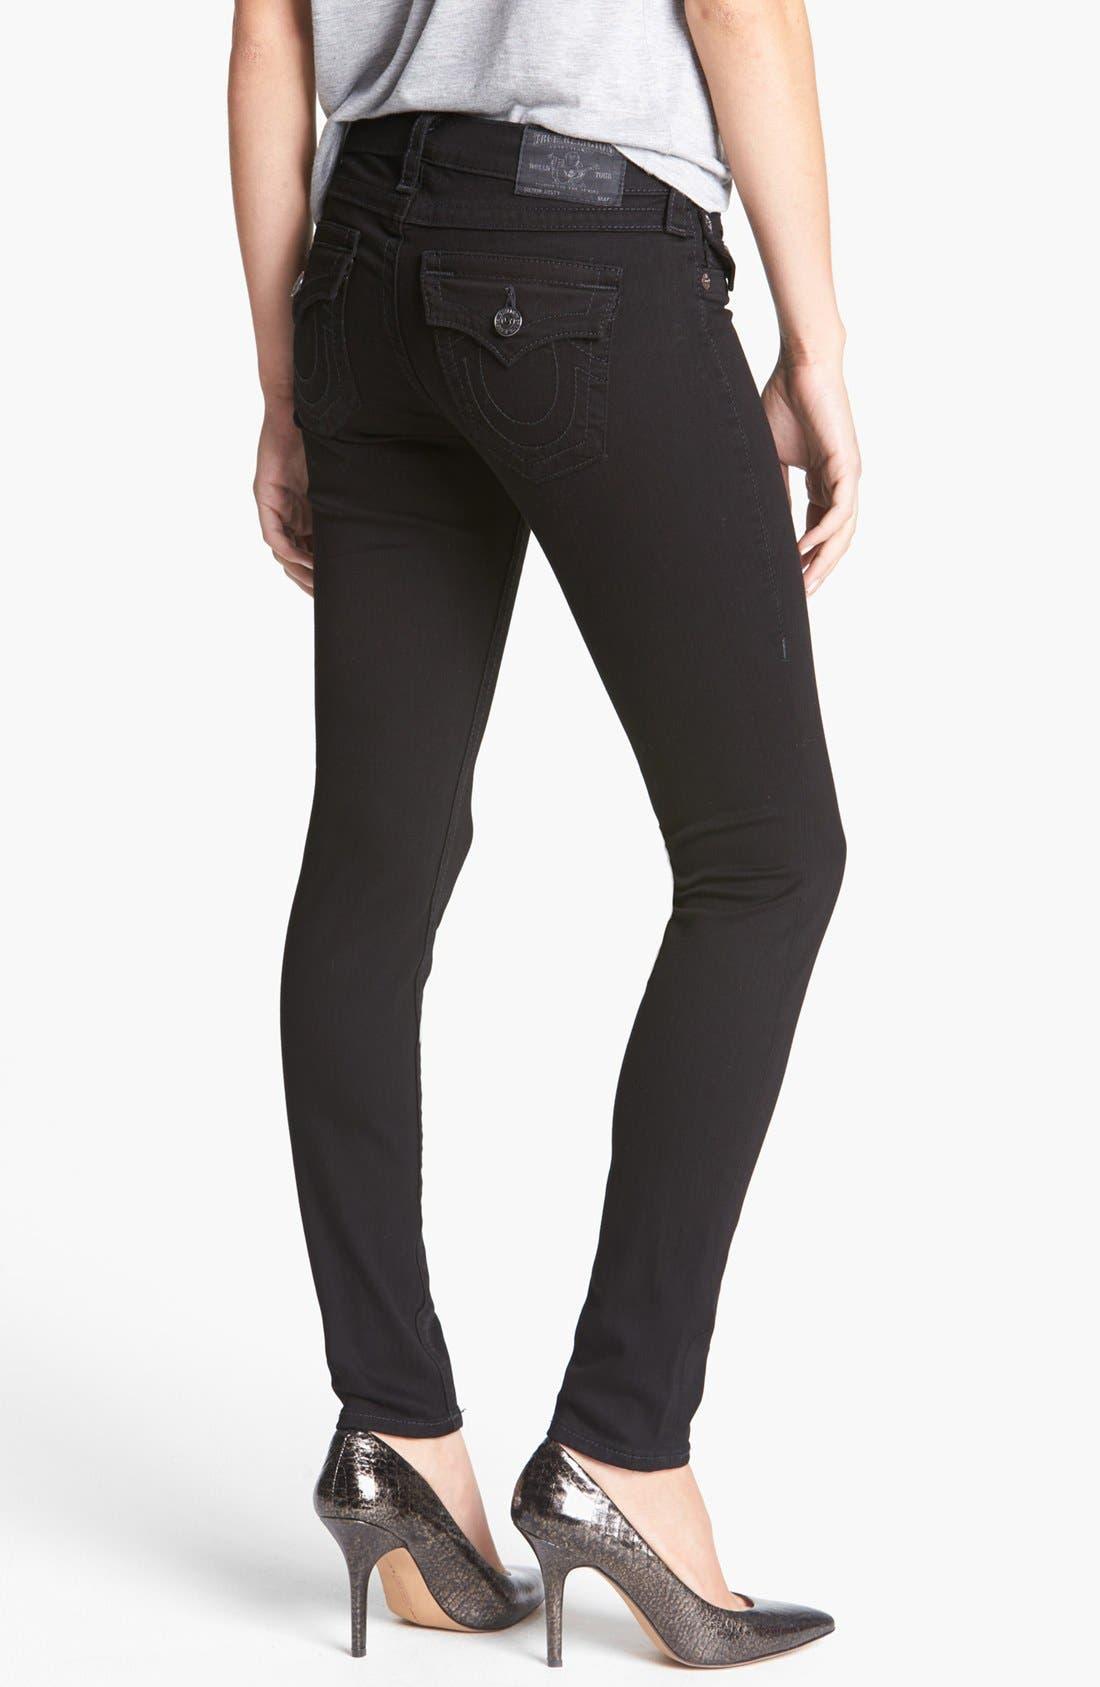 Alternate Image 2  - True Religion Brand Jeans 'Misty' Skinny Denim Leggings (Super Vixen)